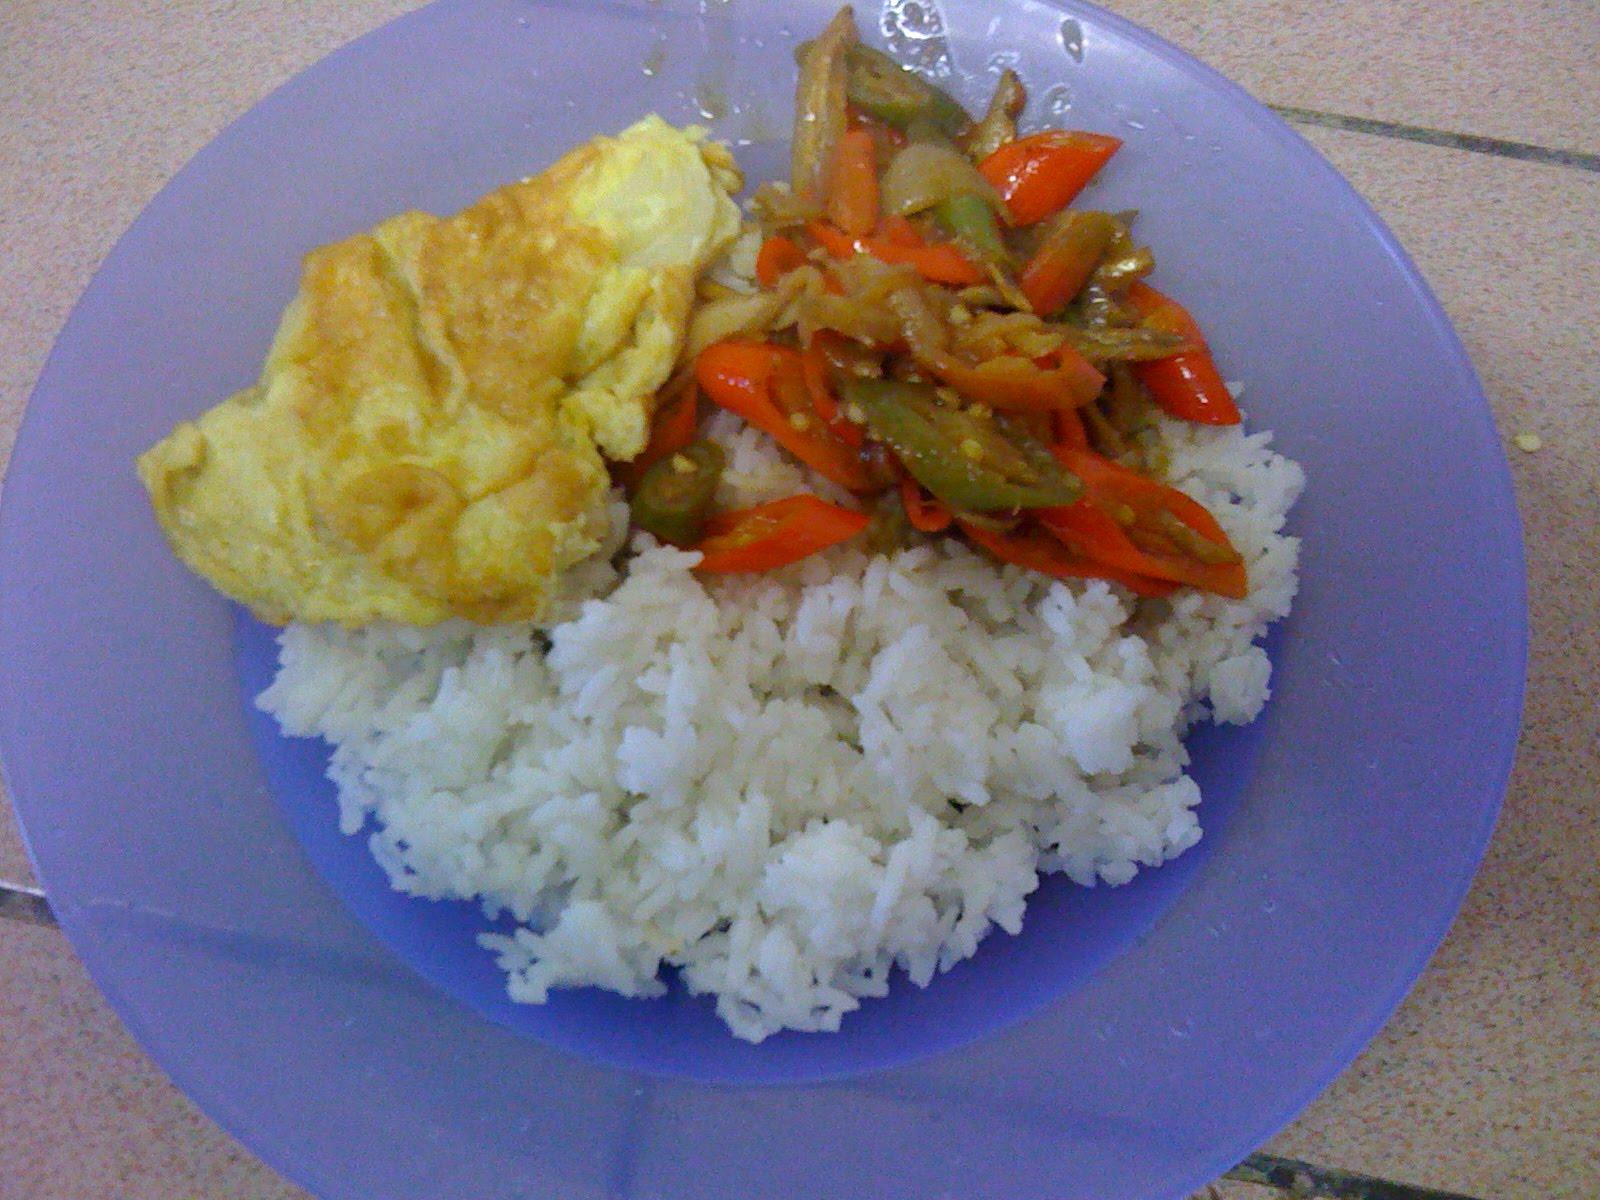 sedap makan dengan nasi panas yummmy.